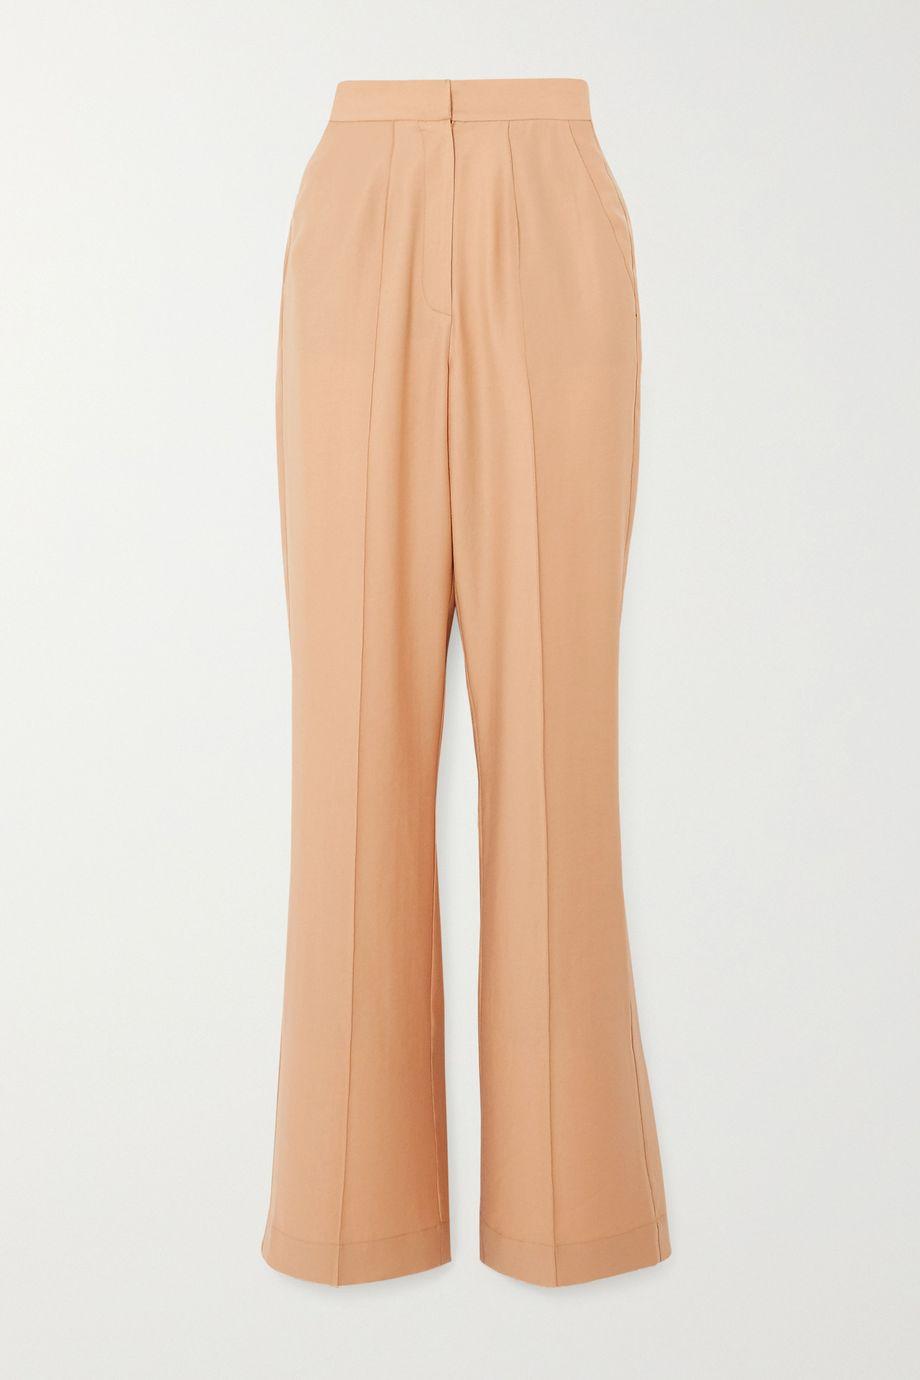 Lado Bokuchava Pintucked woven wide-leg pants